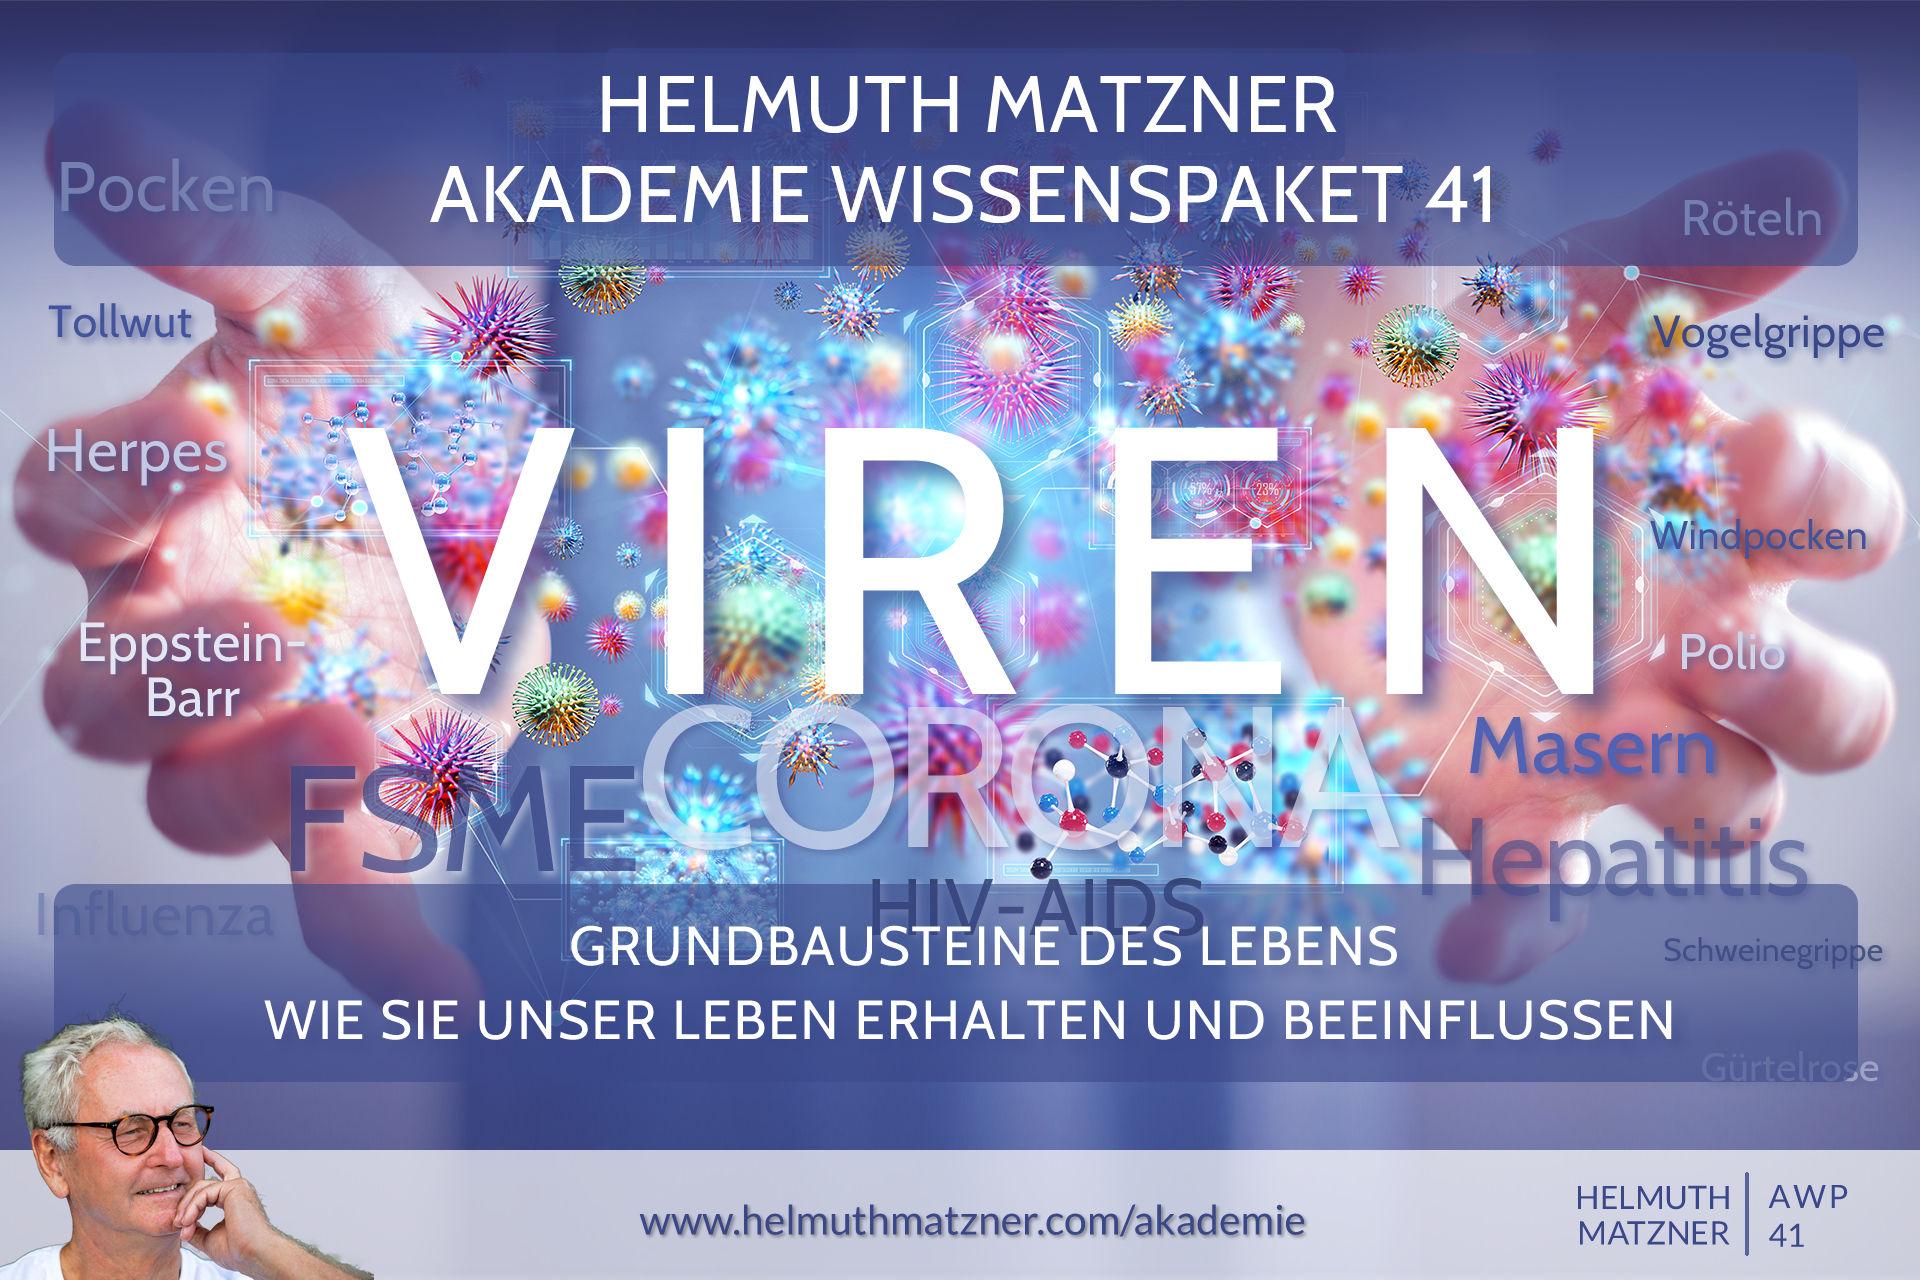 Helmuth Matzner - Akademie Wissenspaket 41 - Viren - Banner v1D